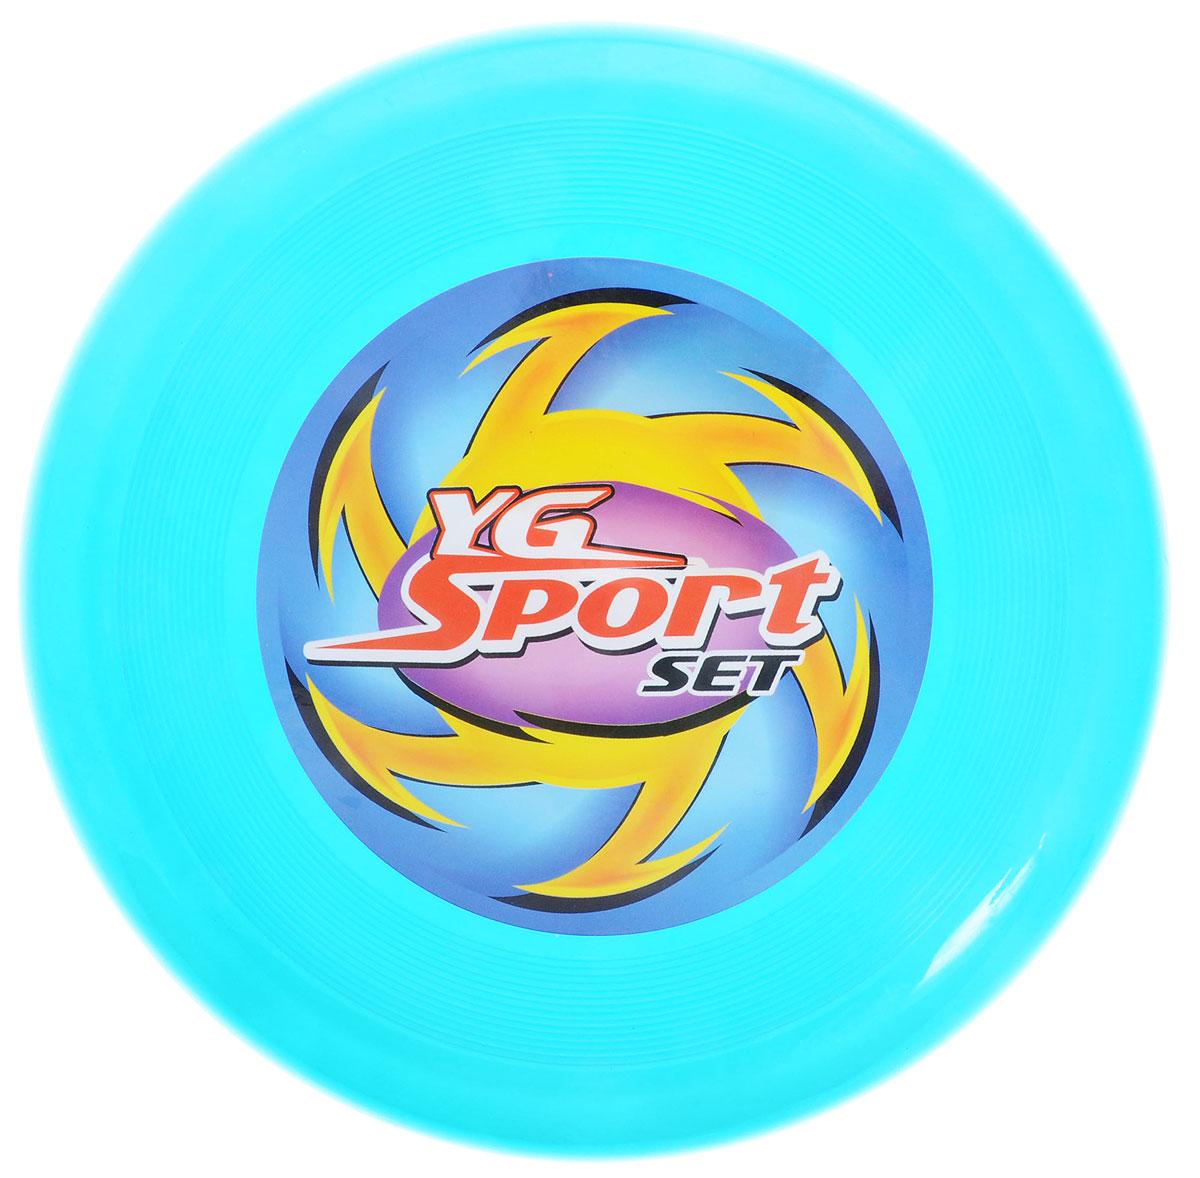 YG Sport Летающий диск цвет голубой yg sport игровой набор лови бросай